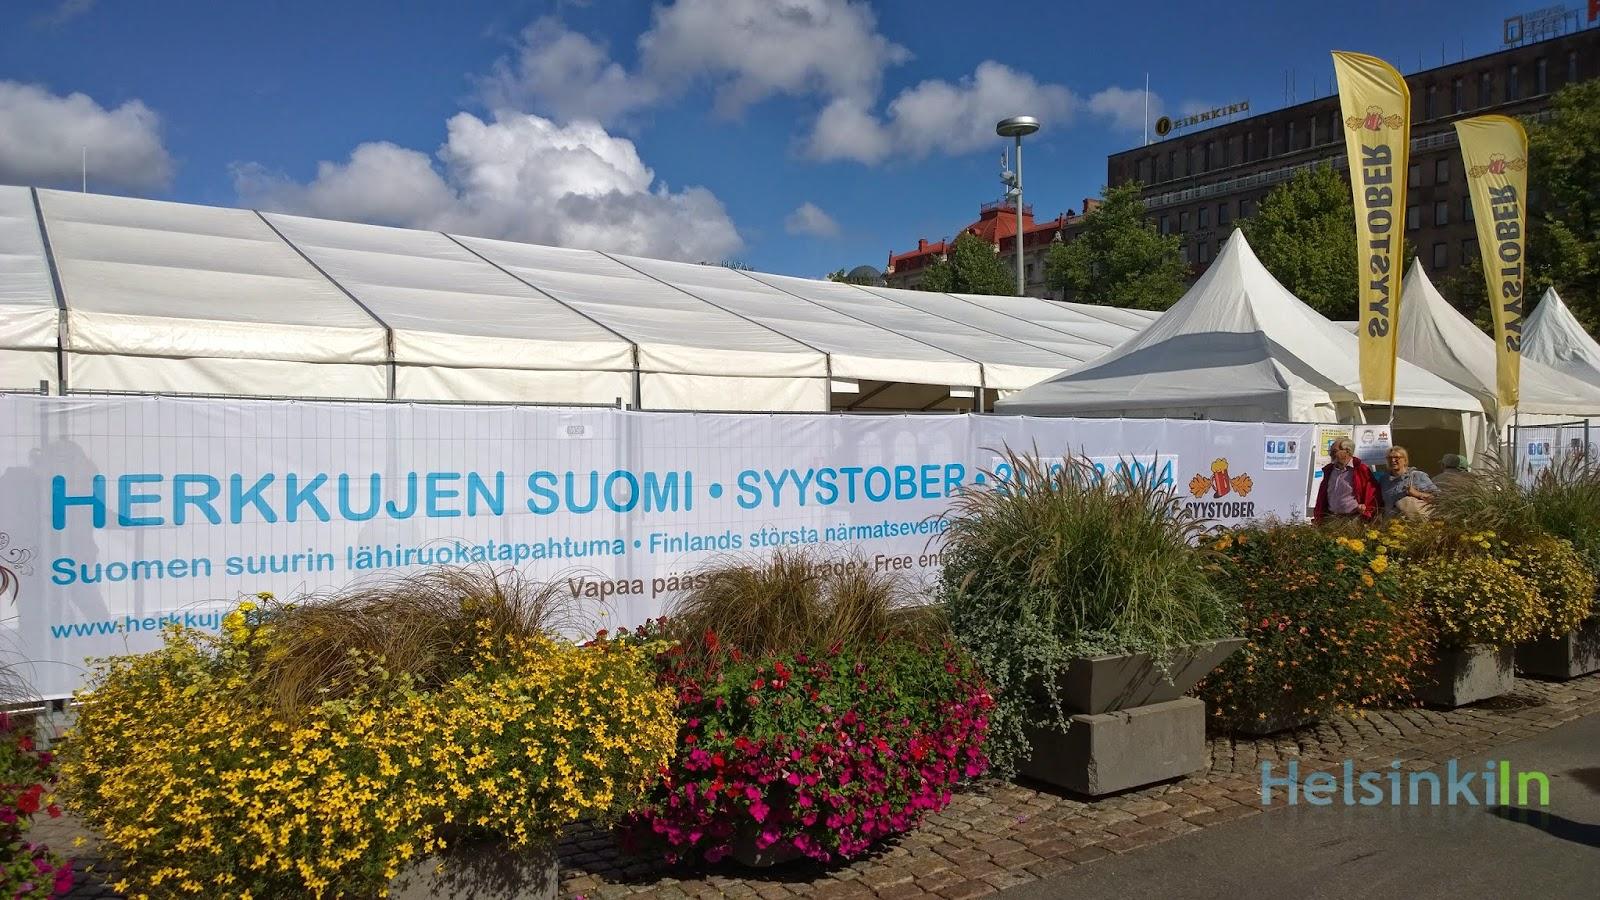 Herkkujen Suomi and Syystober 2014